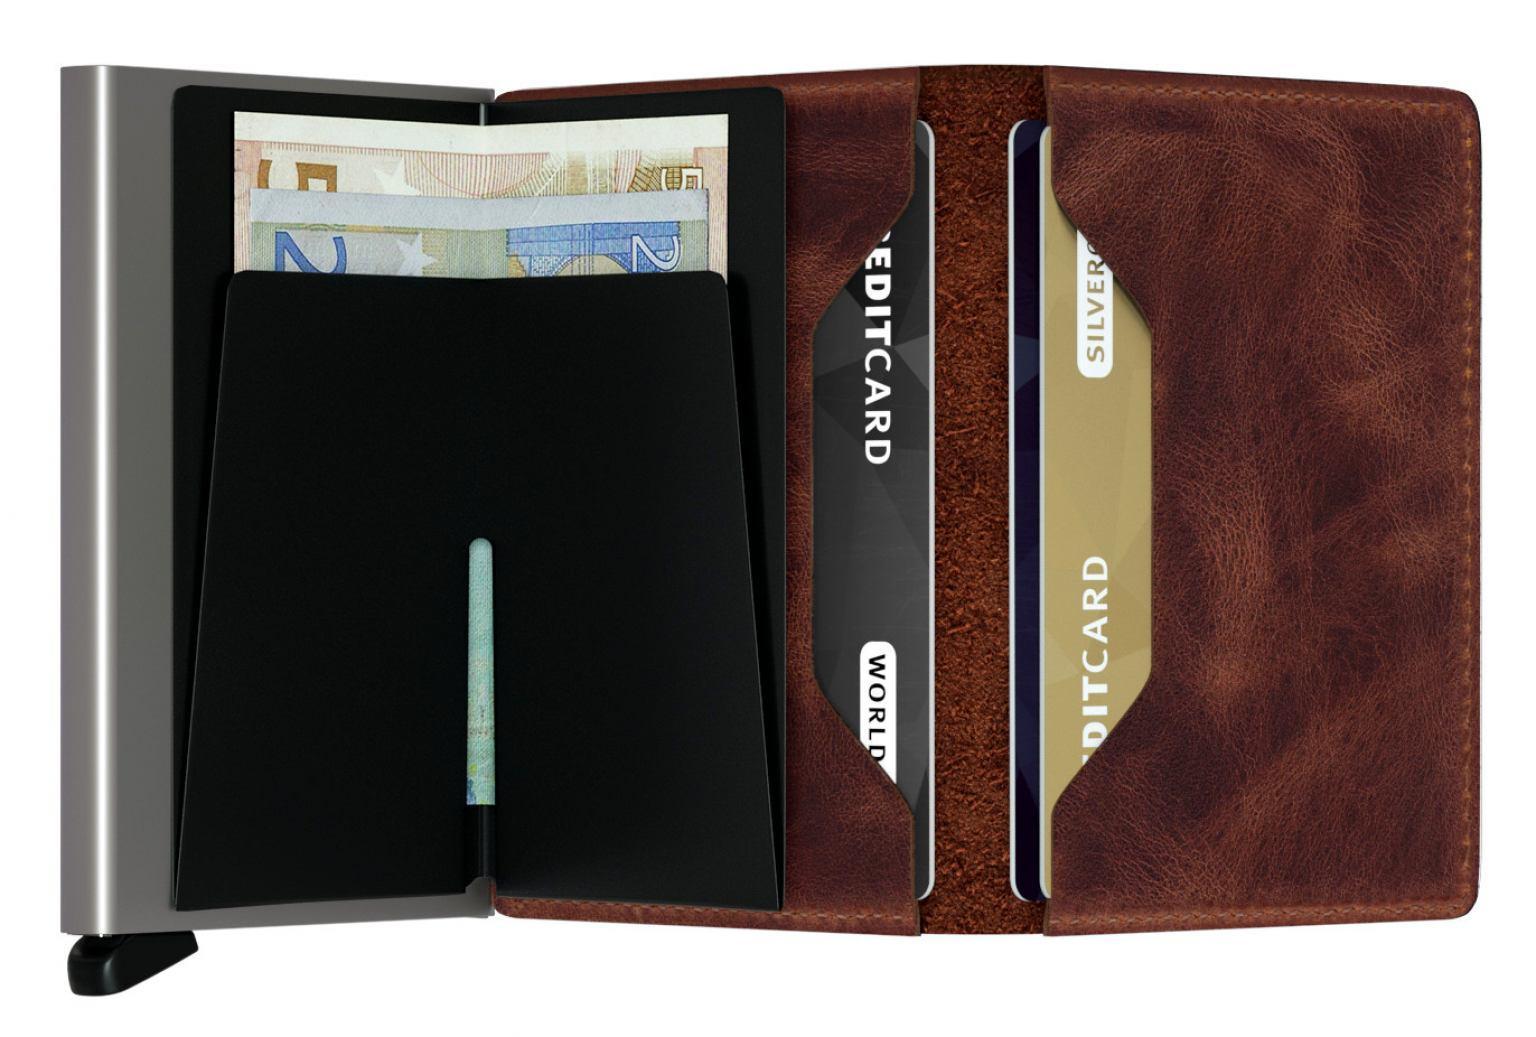 Secrid Schutzetui Chipkarten Slimwallet Vintage Brown